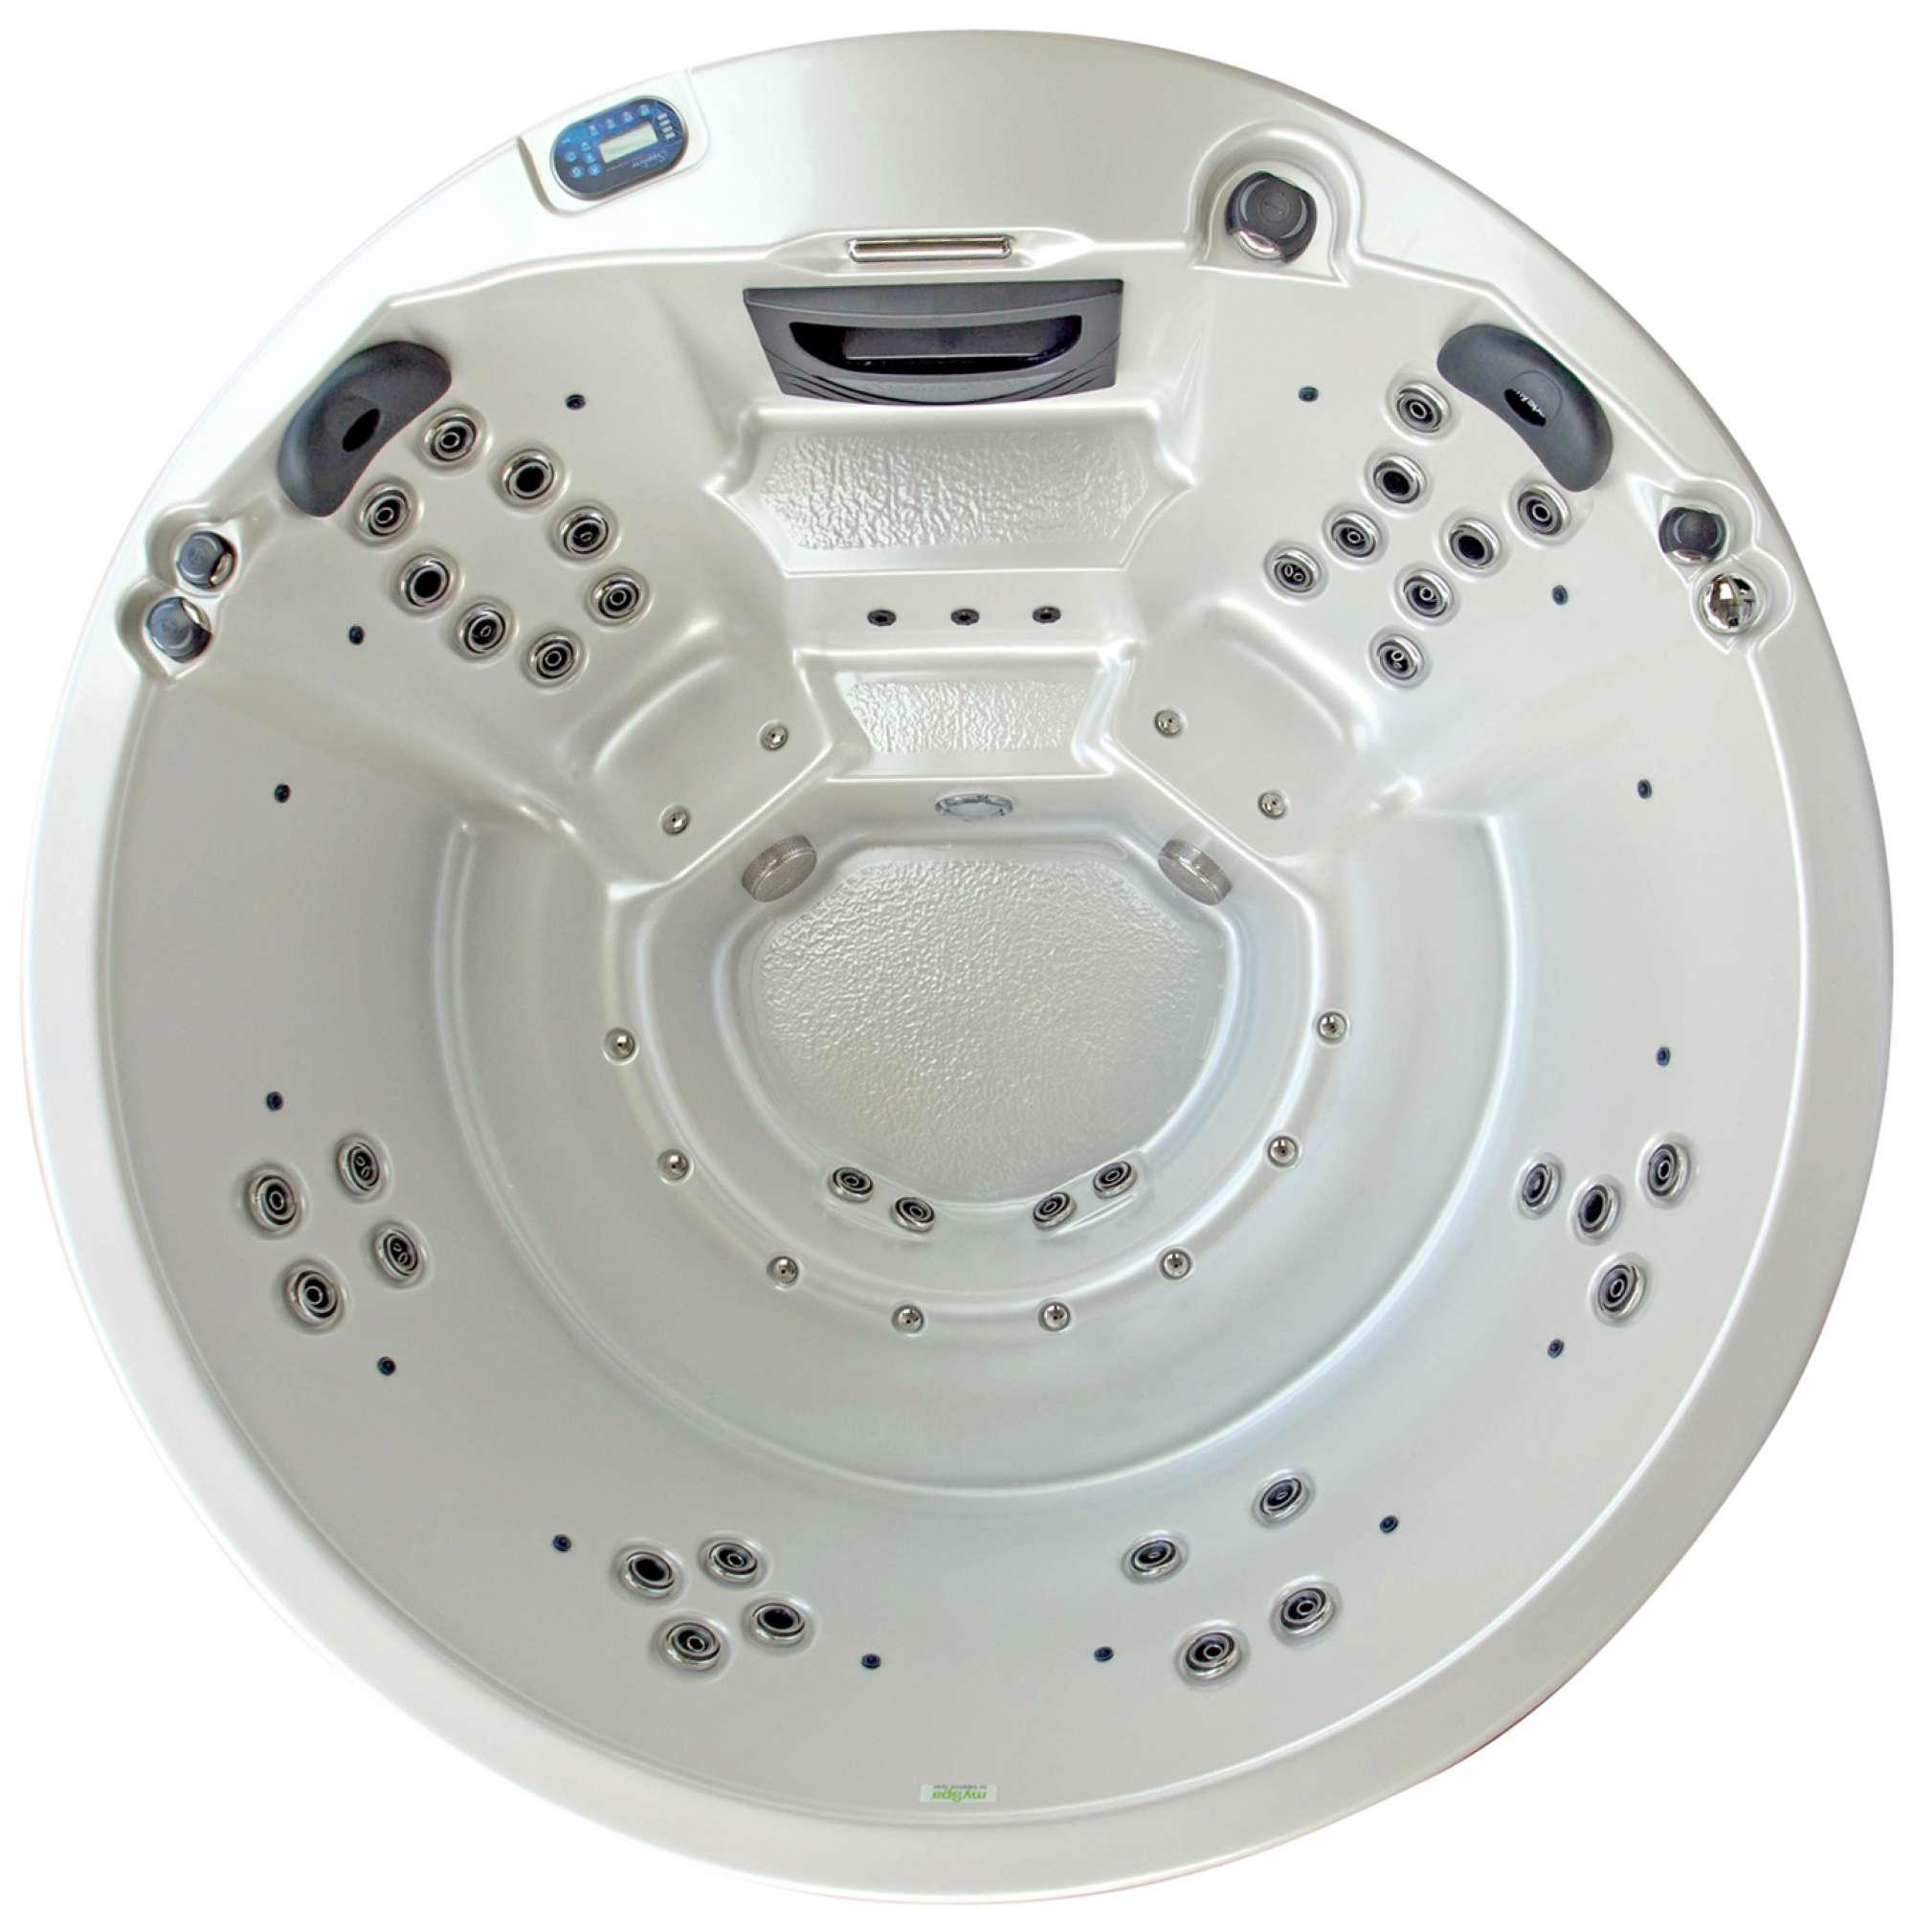 My Hot Tub Pearl Spa 37aaa web